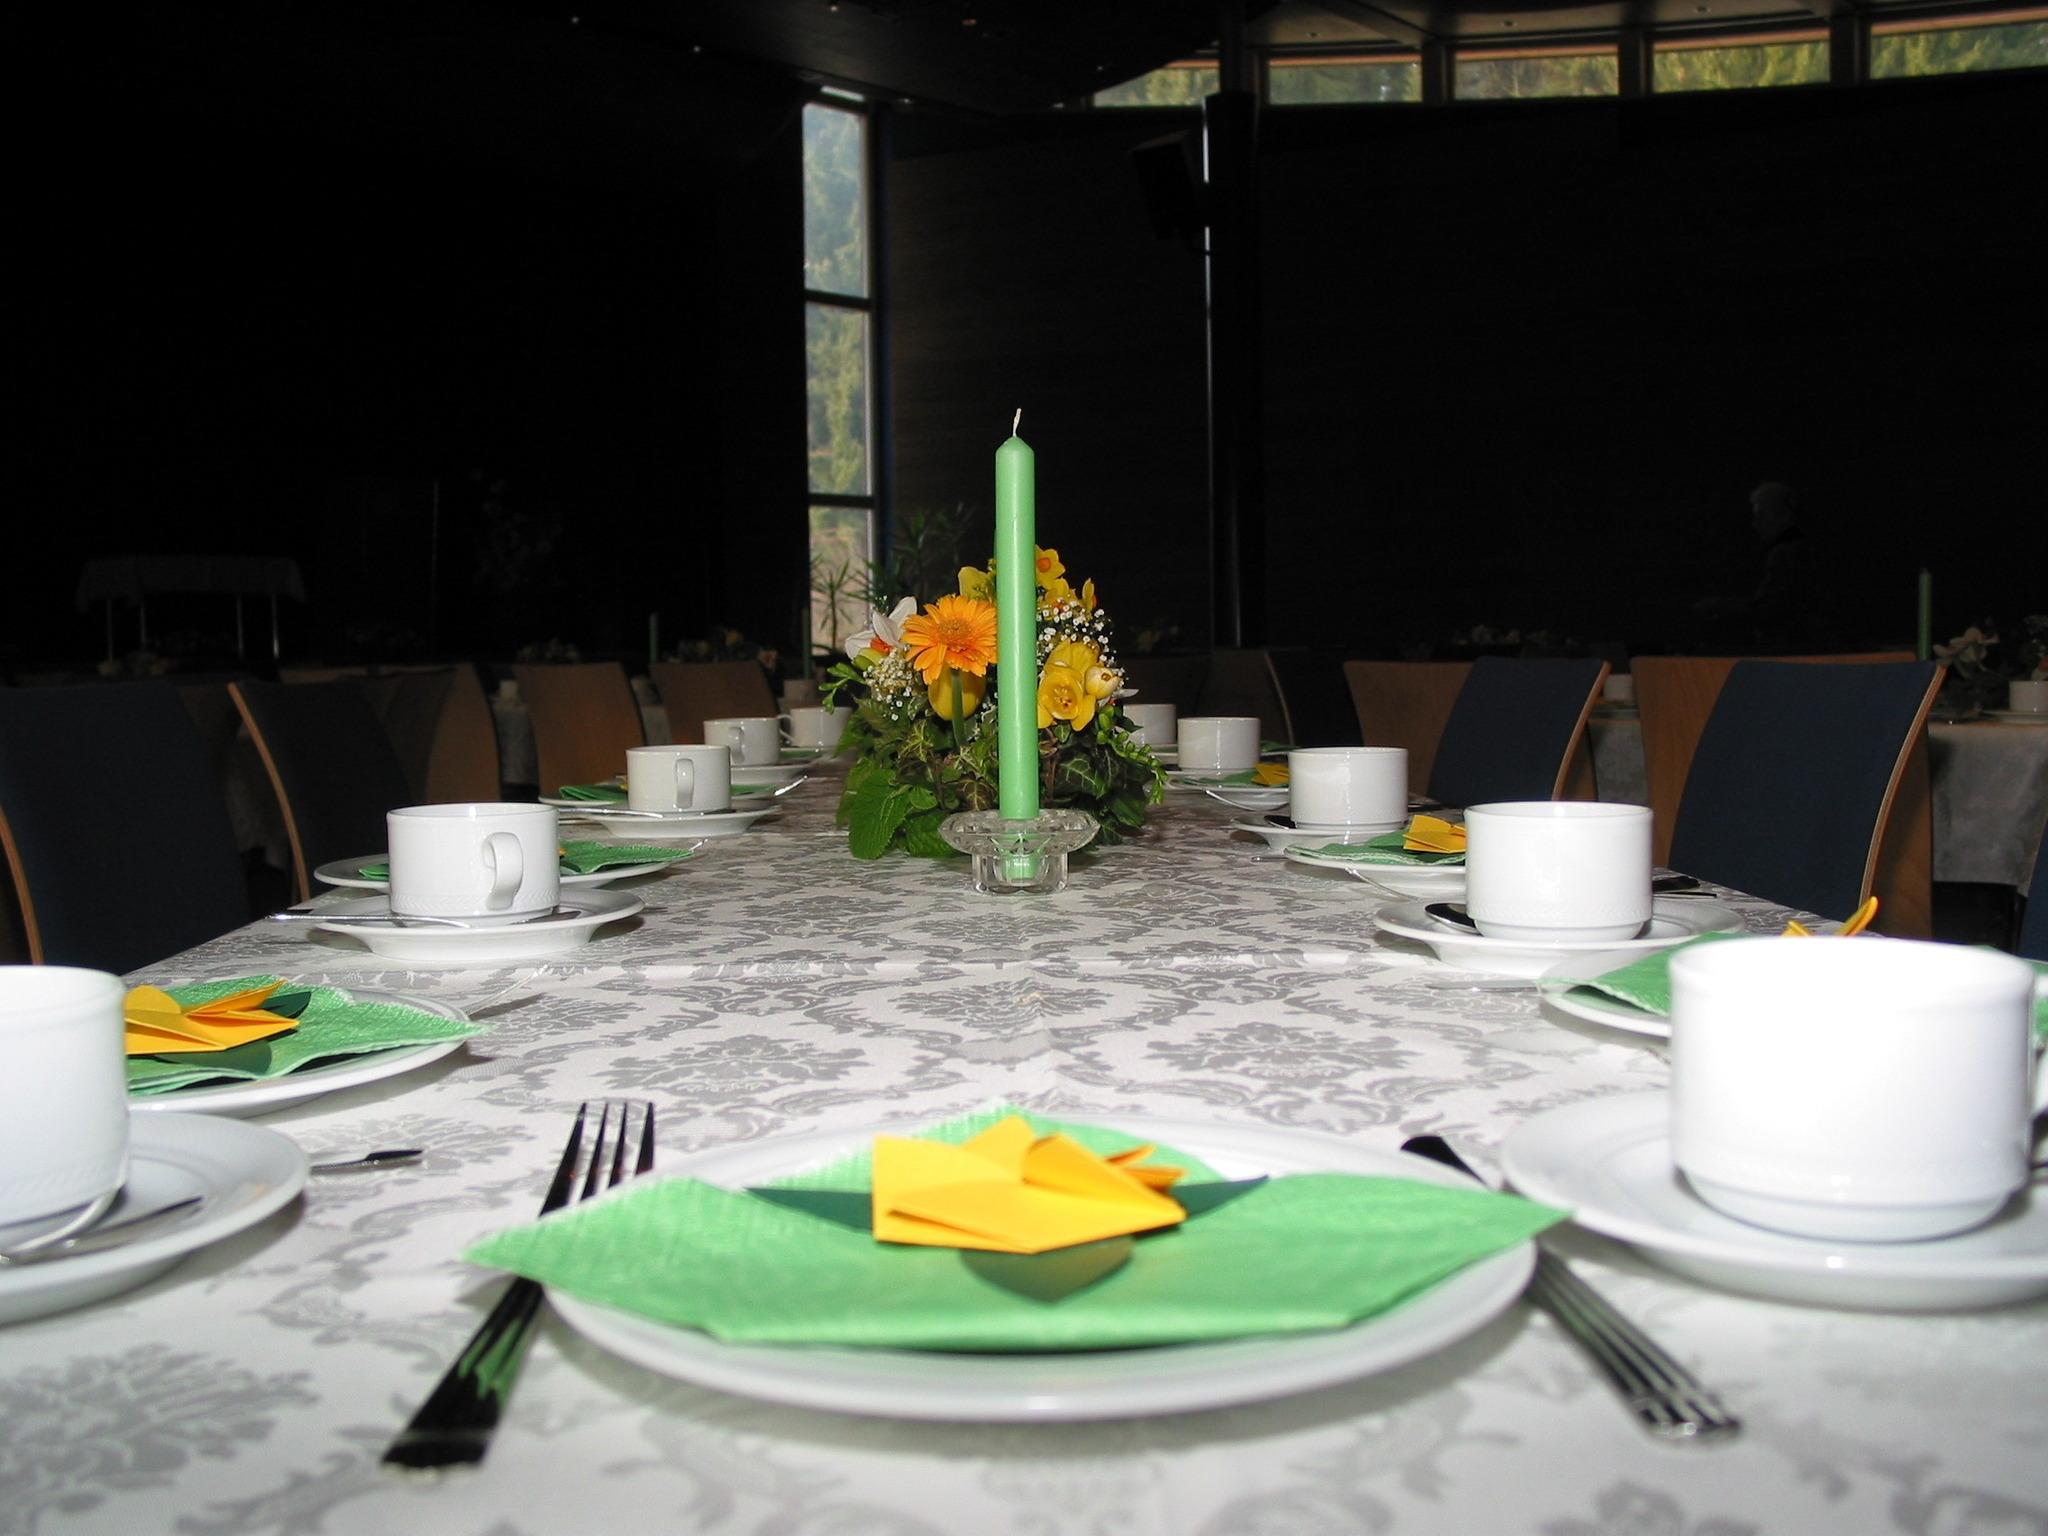 Willkommen - Frühstückstreffen für Frauen